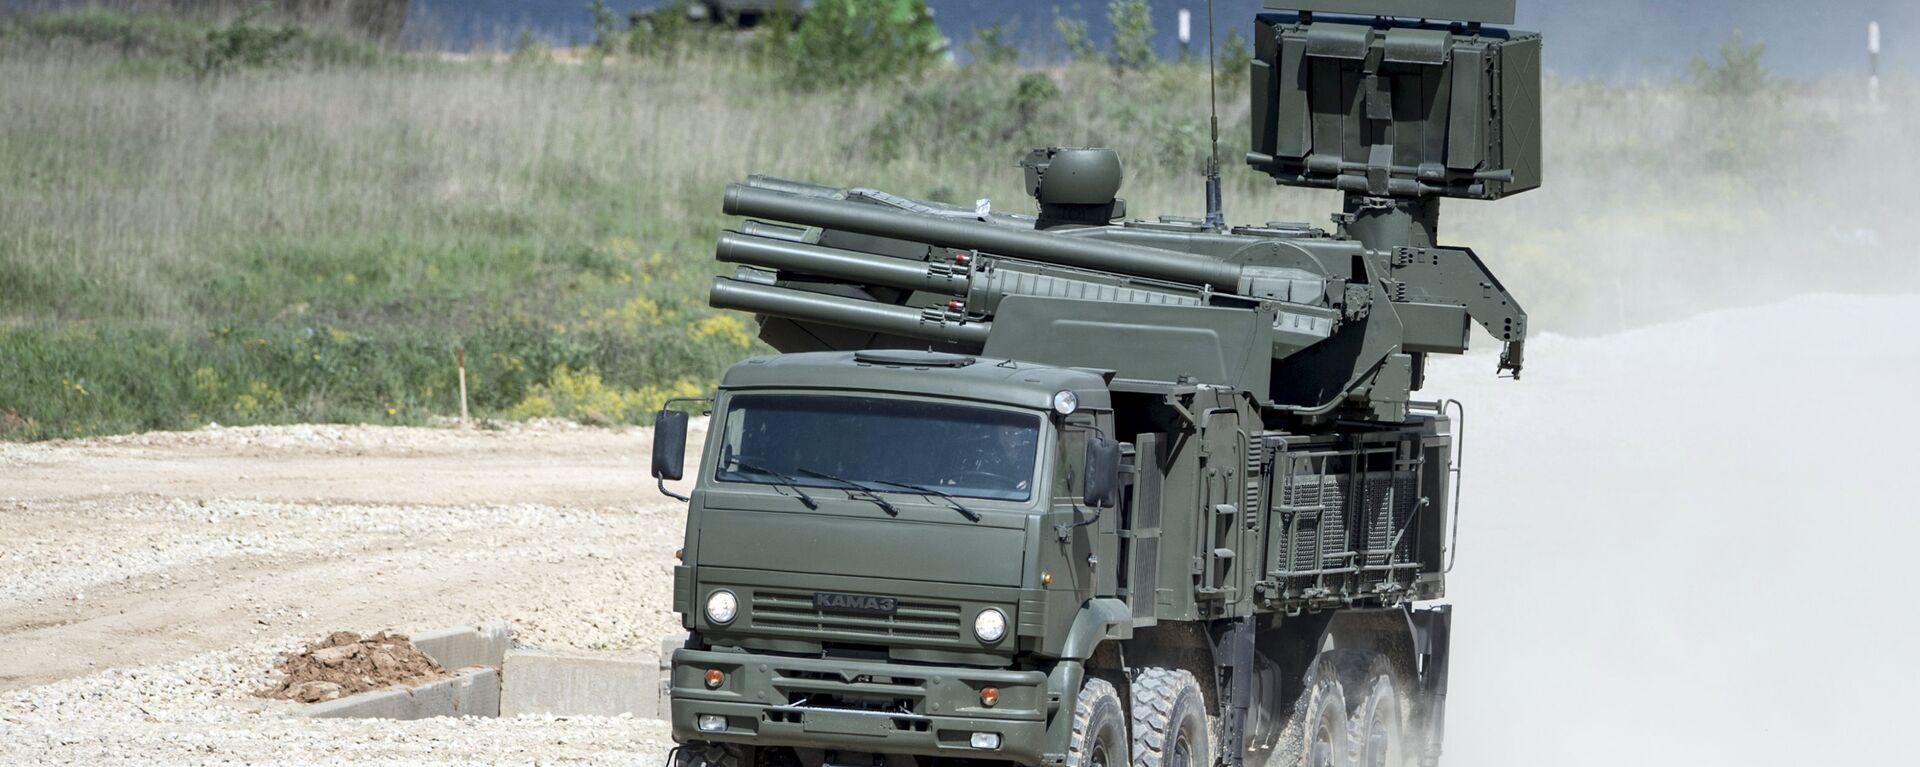 Hybridní samohybný protiletadlový systém krátkého a středního dosahu Pancir-S1 na náklaďáku KAMAZ-6560. - Sputnik Česká republika, 1920, 21.08.2021